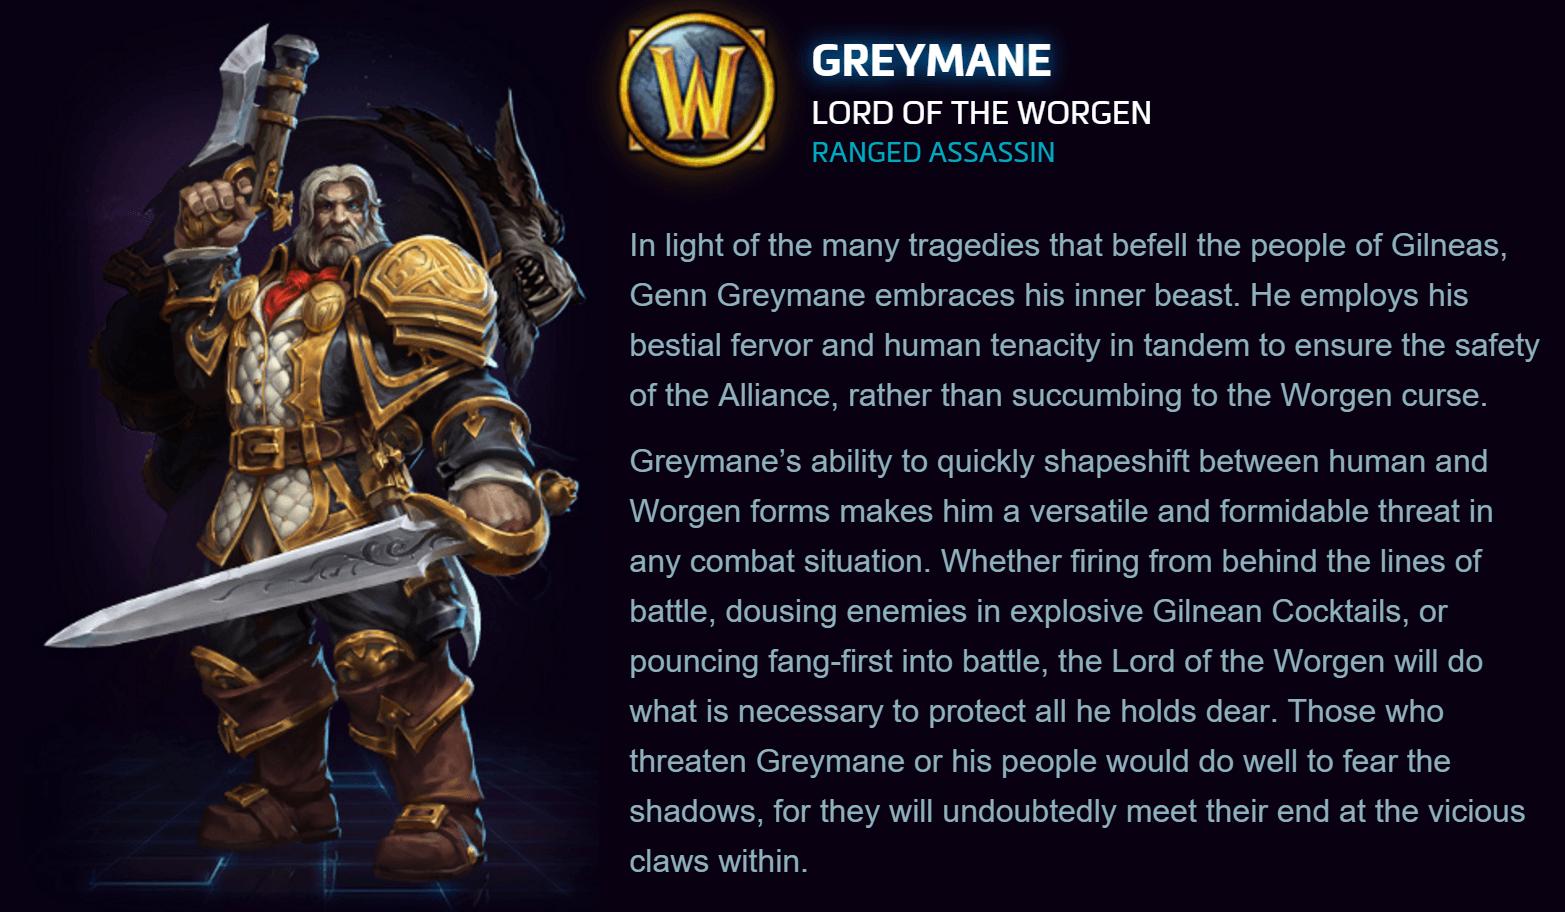 greymane